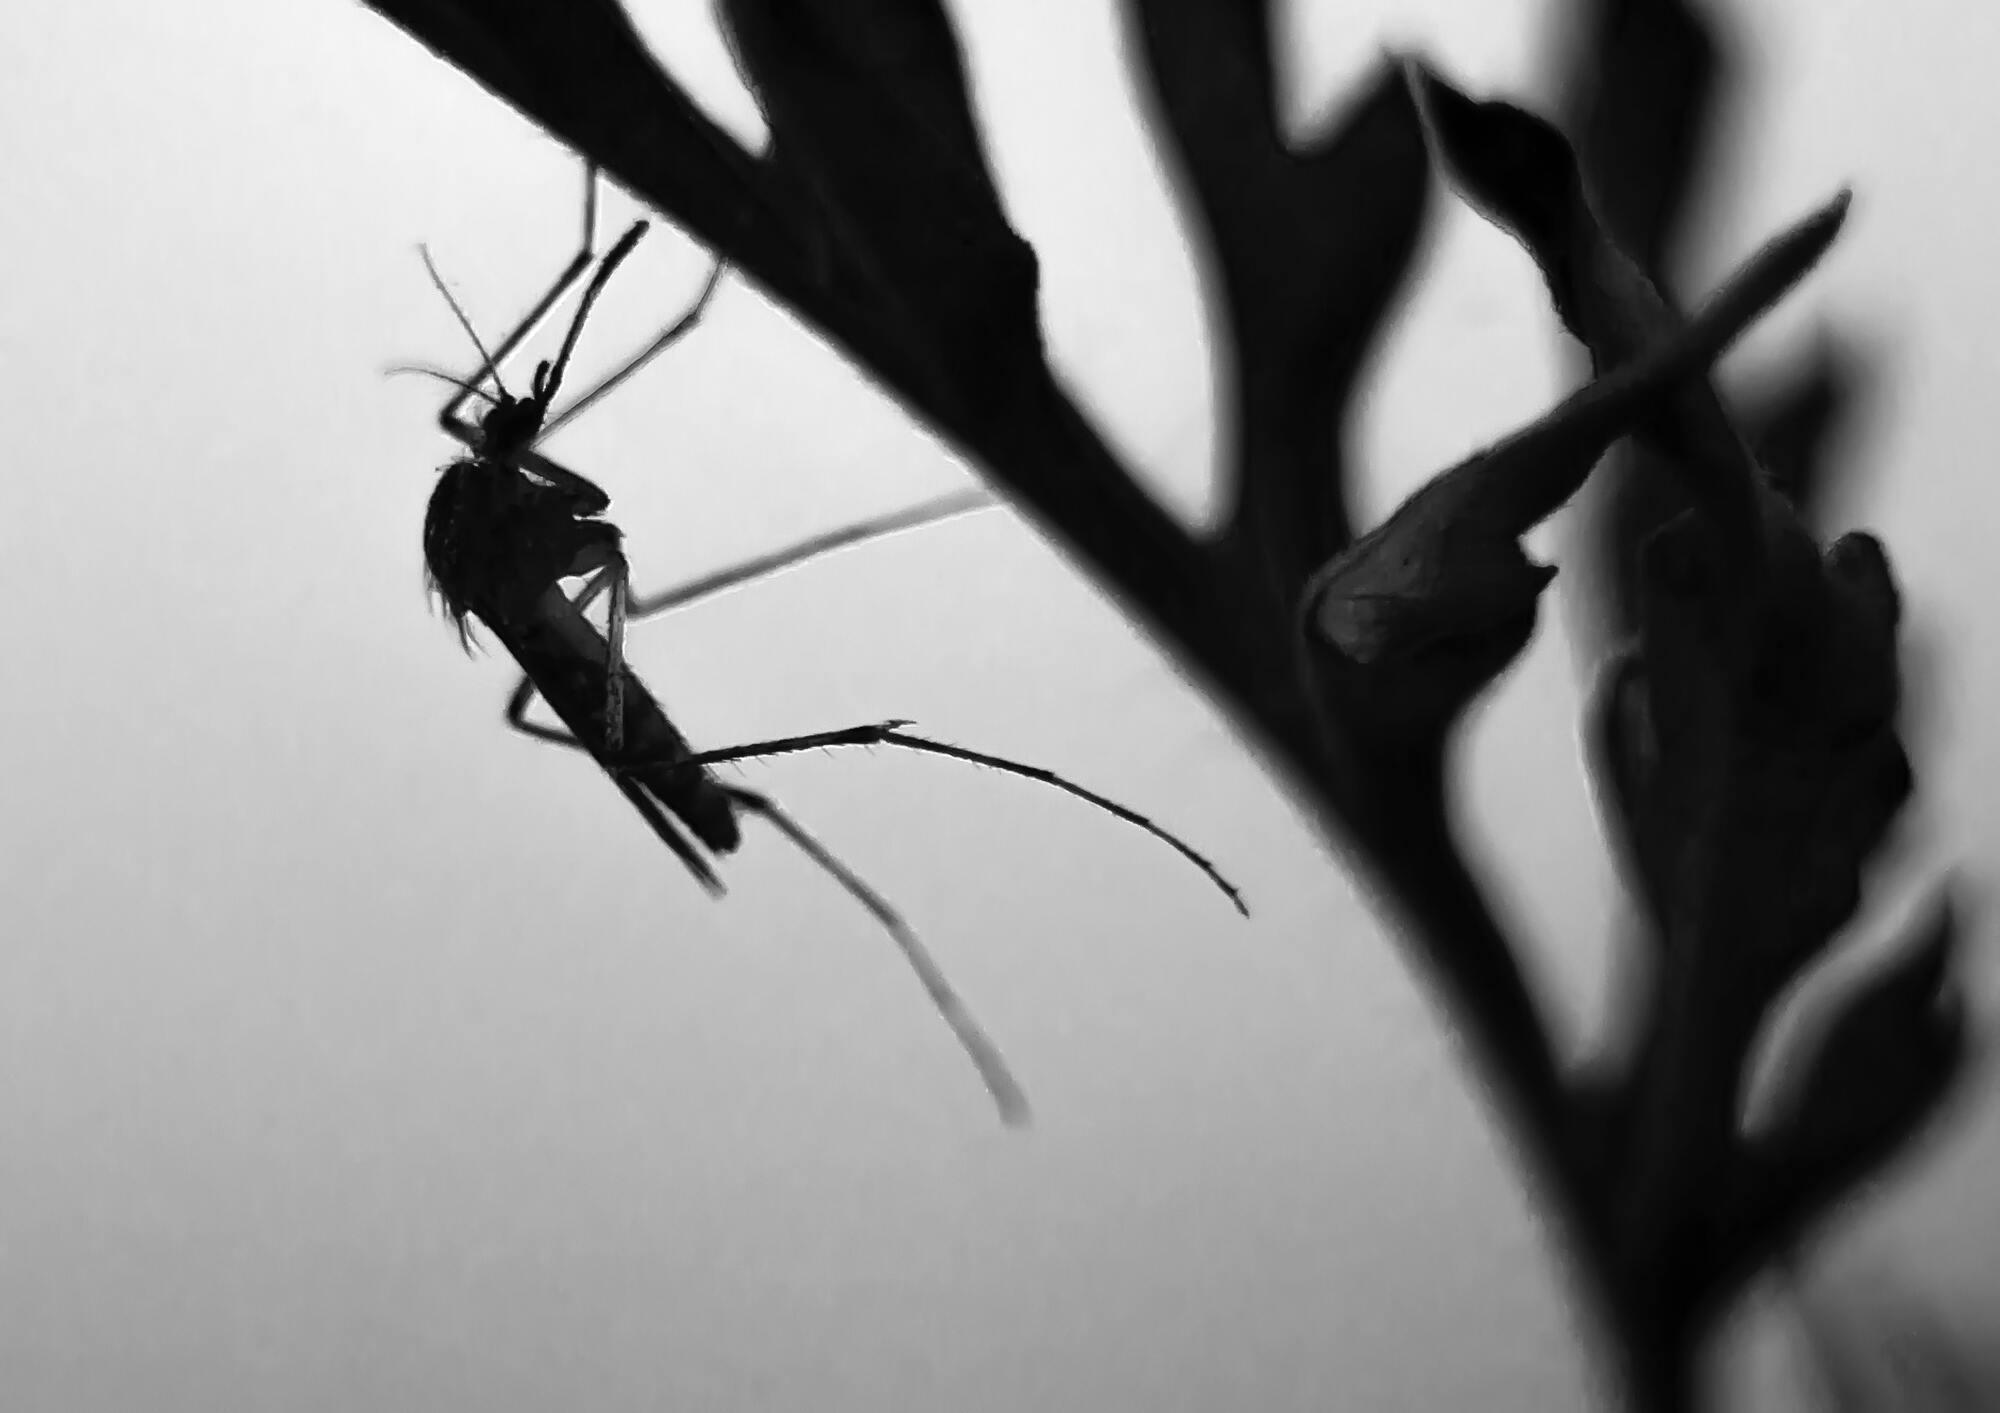 Комарницею цей день назвали на честь комарів, які зазвичай з'являються з цього дня.